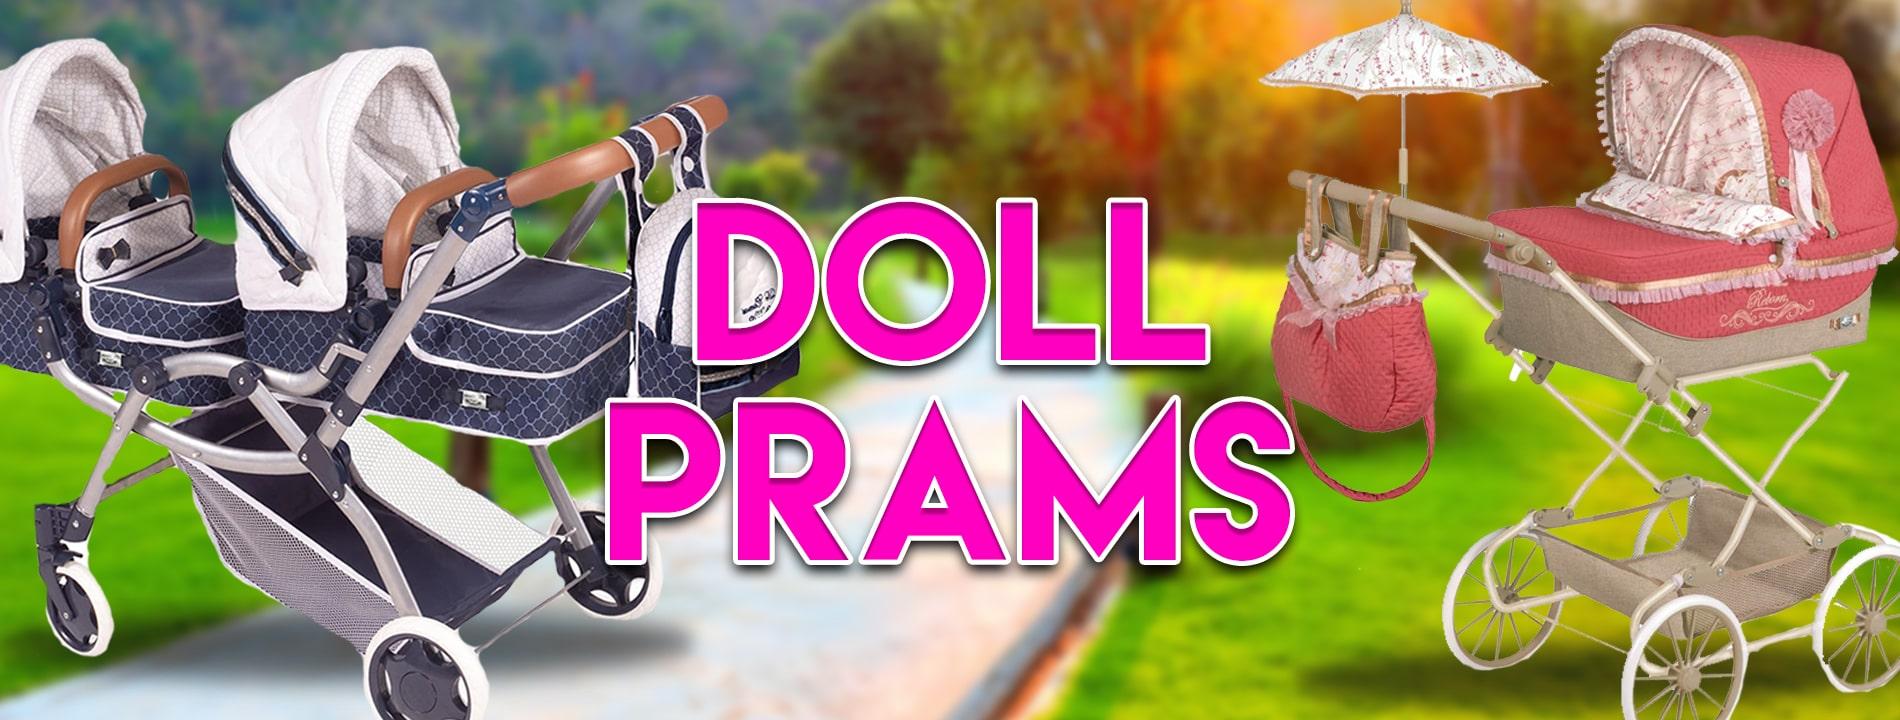 Doll Prams Banner